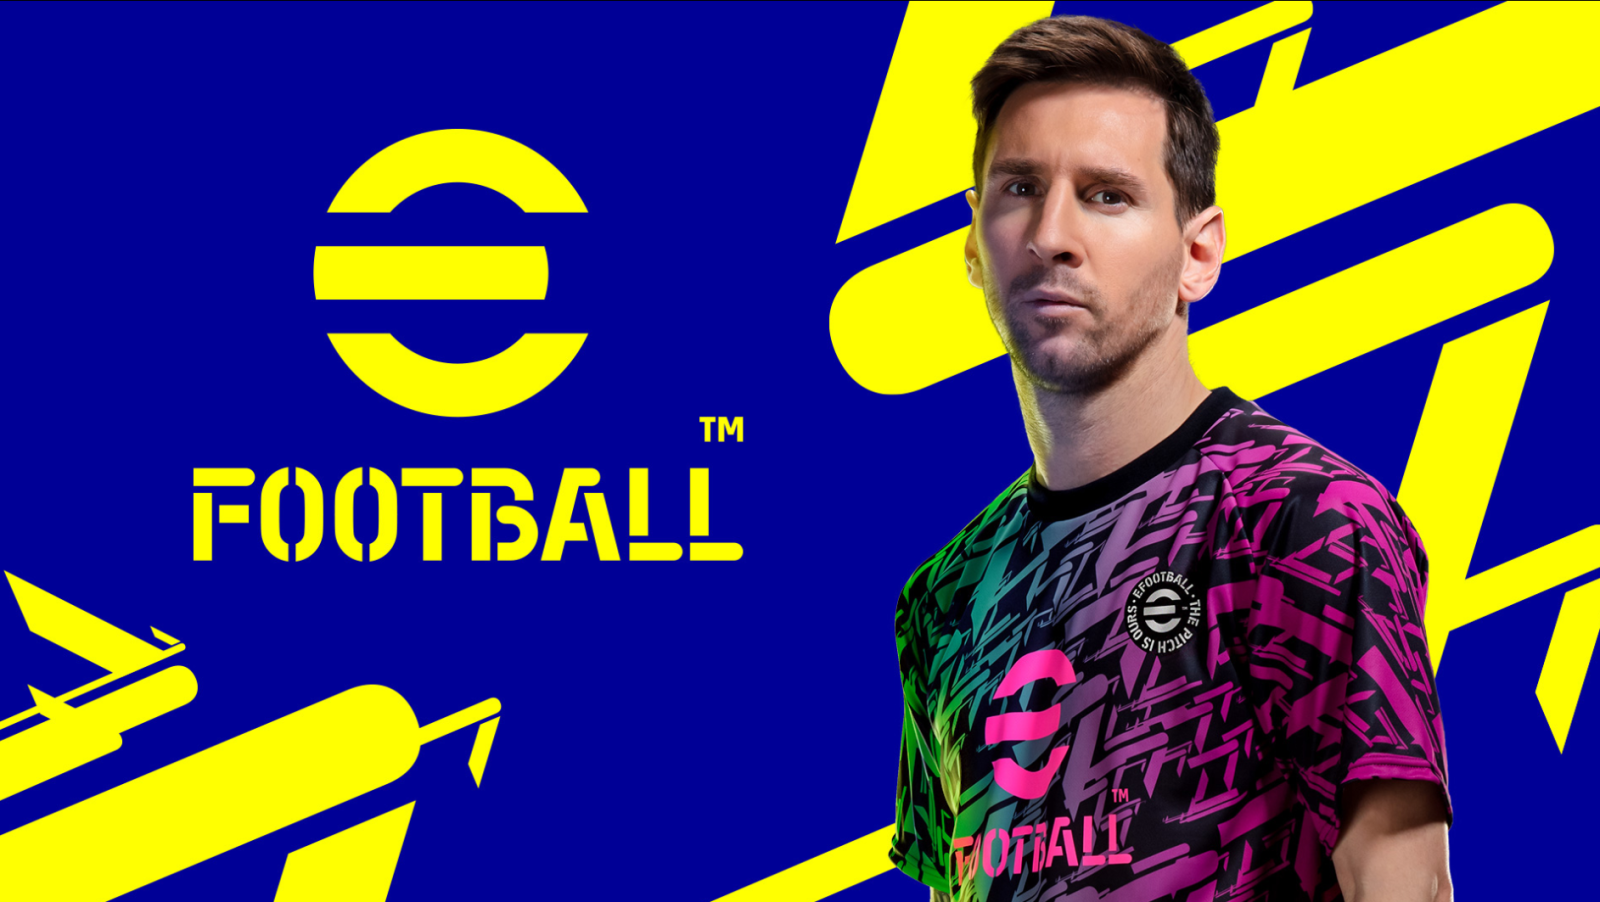 《实况足球》系列更名为《eFootball》,采用免费游玩定期更新模式